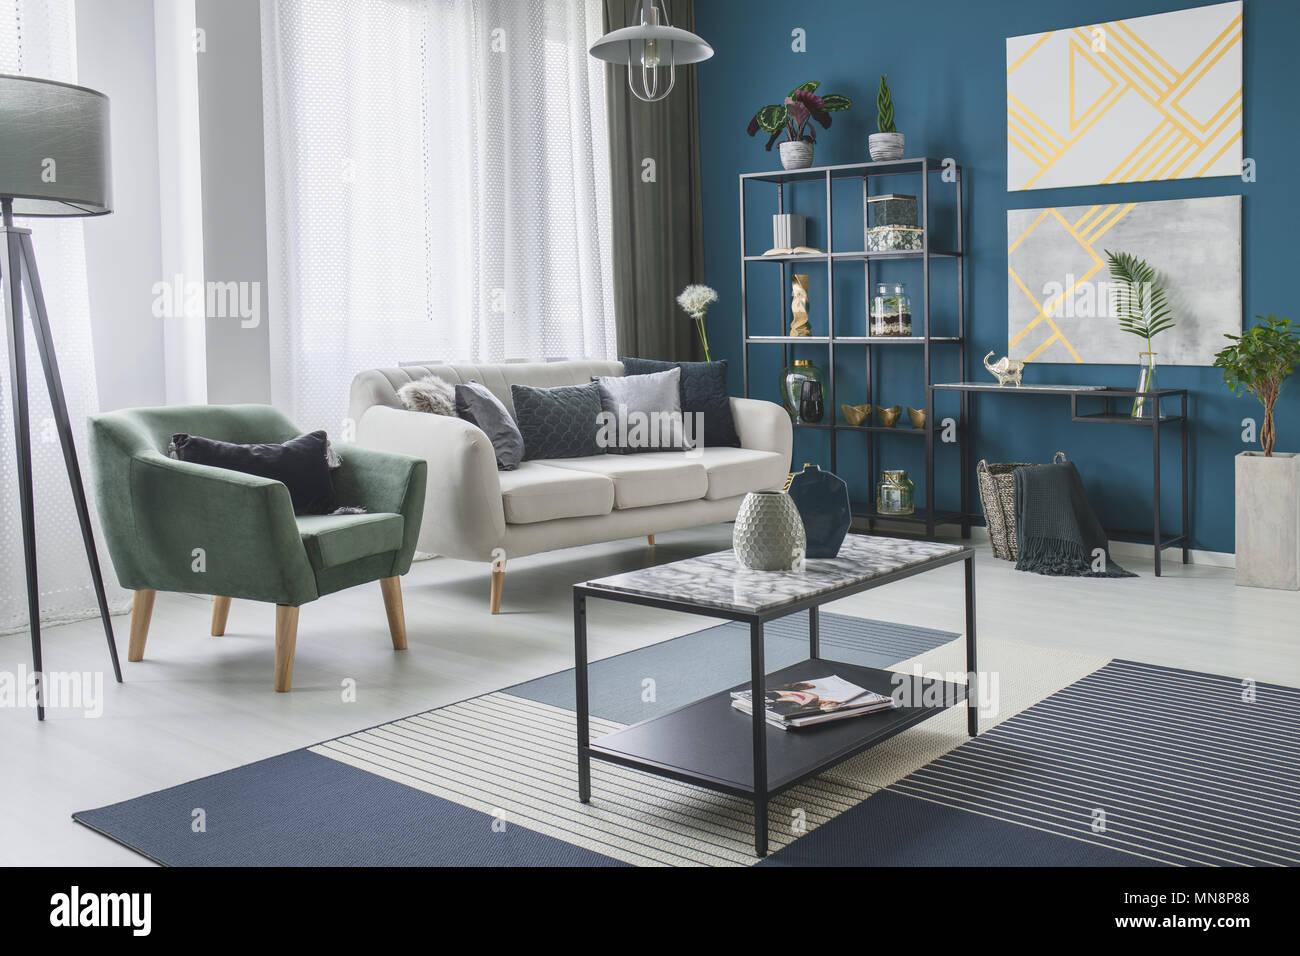 Grüne Sessel neben einem beige Sofa im Wohnzimmer Interieur mit gold ...